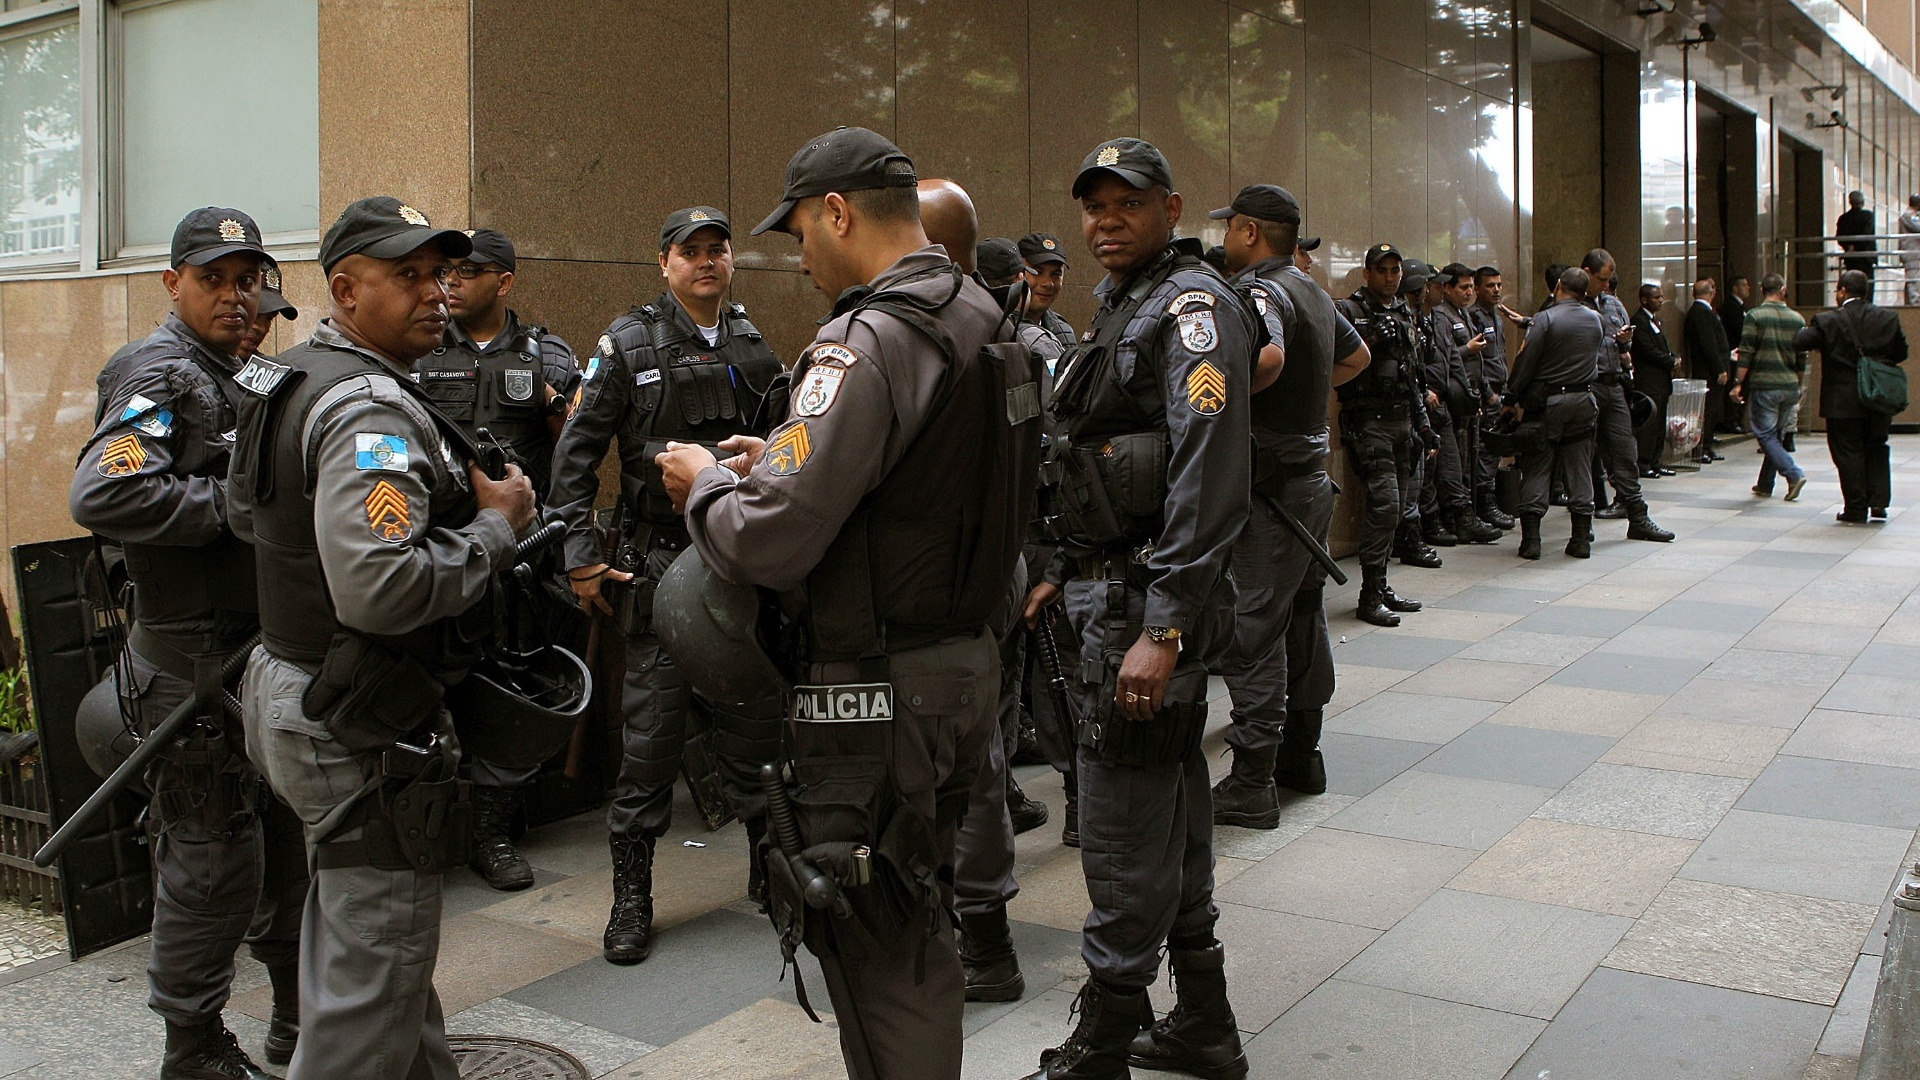 31.out.2013 - Policiais acompanham a movimentação em frente ao TJ-RJ (Tribunal de Justiça do Rio de Janeiro), no centro da capital fluminense, onde se concentram os manifestantes que participam do ato chamado